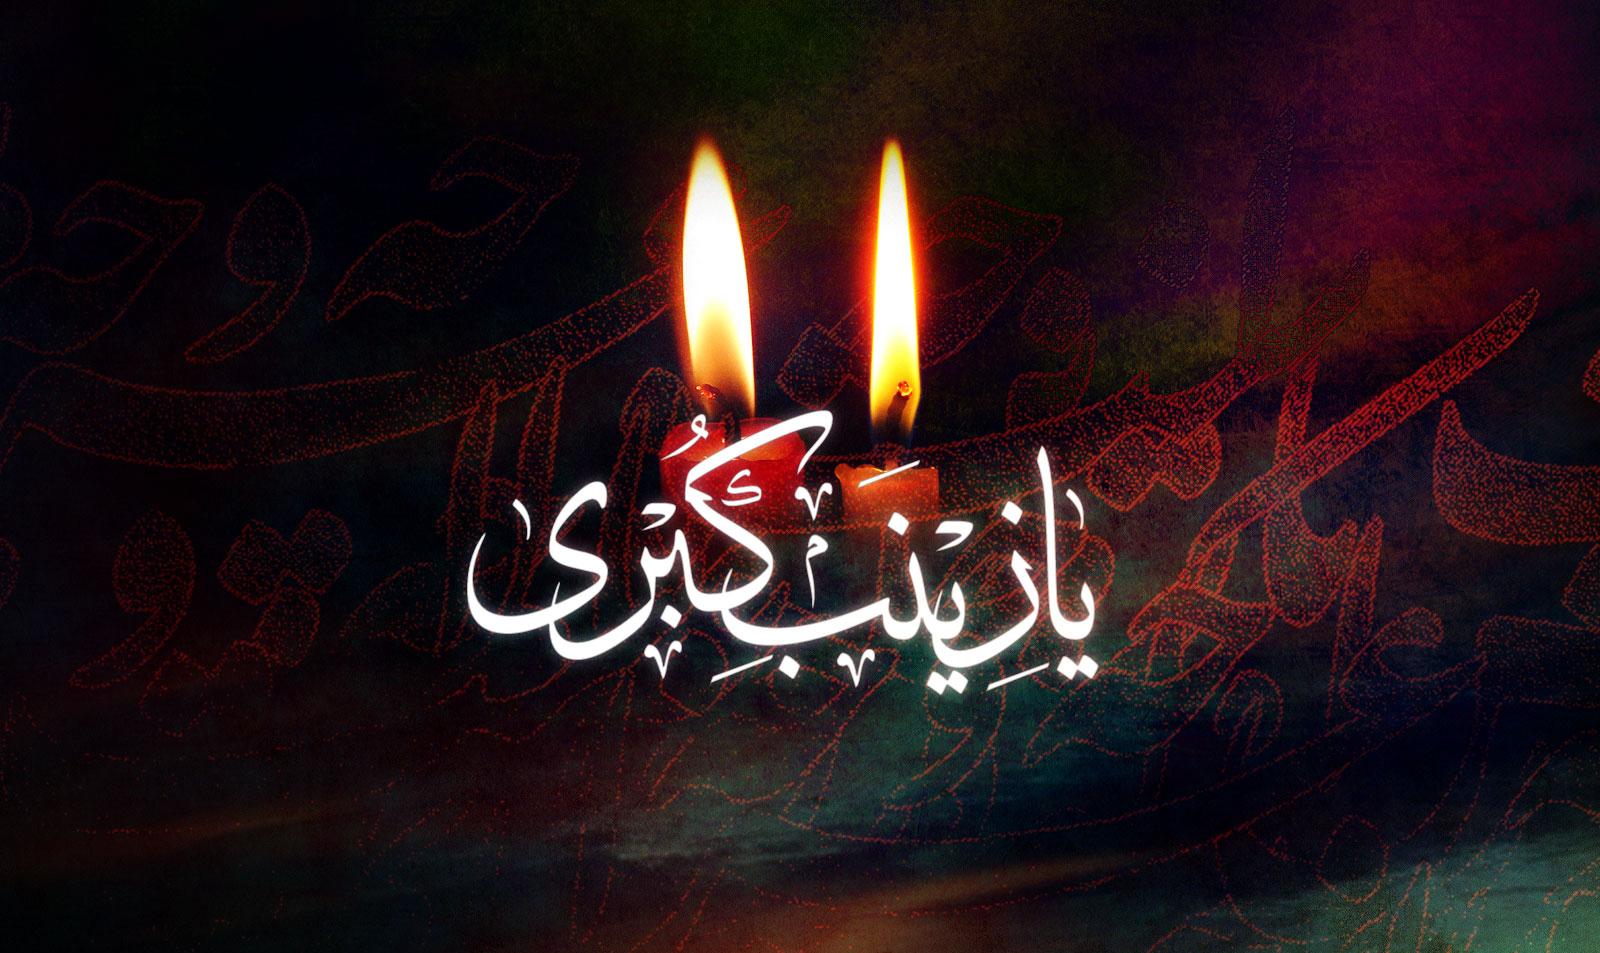 وفات حضرت زینب زندگینامه حضرت زینب حضرت زینب کبری